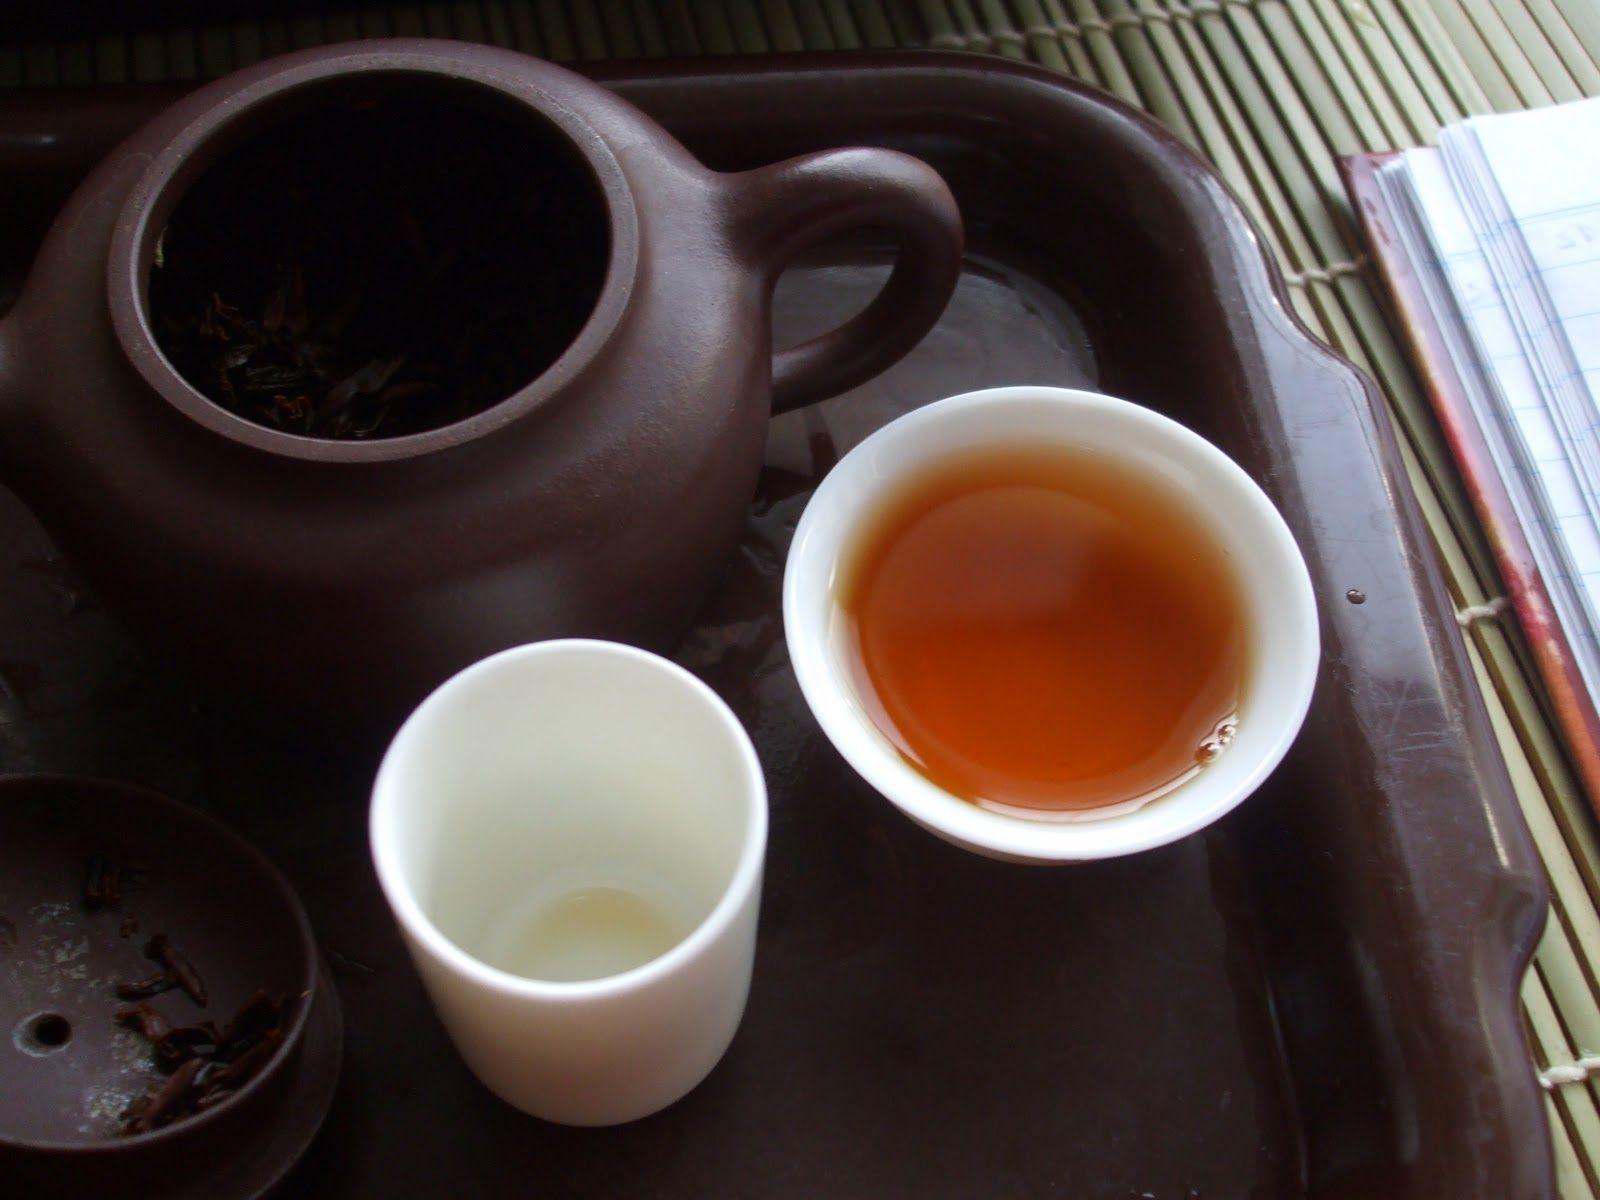 Soğuk Havalarda Okaliptüs Çayı İçin (Görüntüler ile) | Kuru cilt, Bitki,  Sağlıklı yaşam